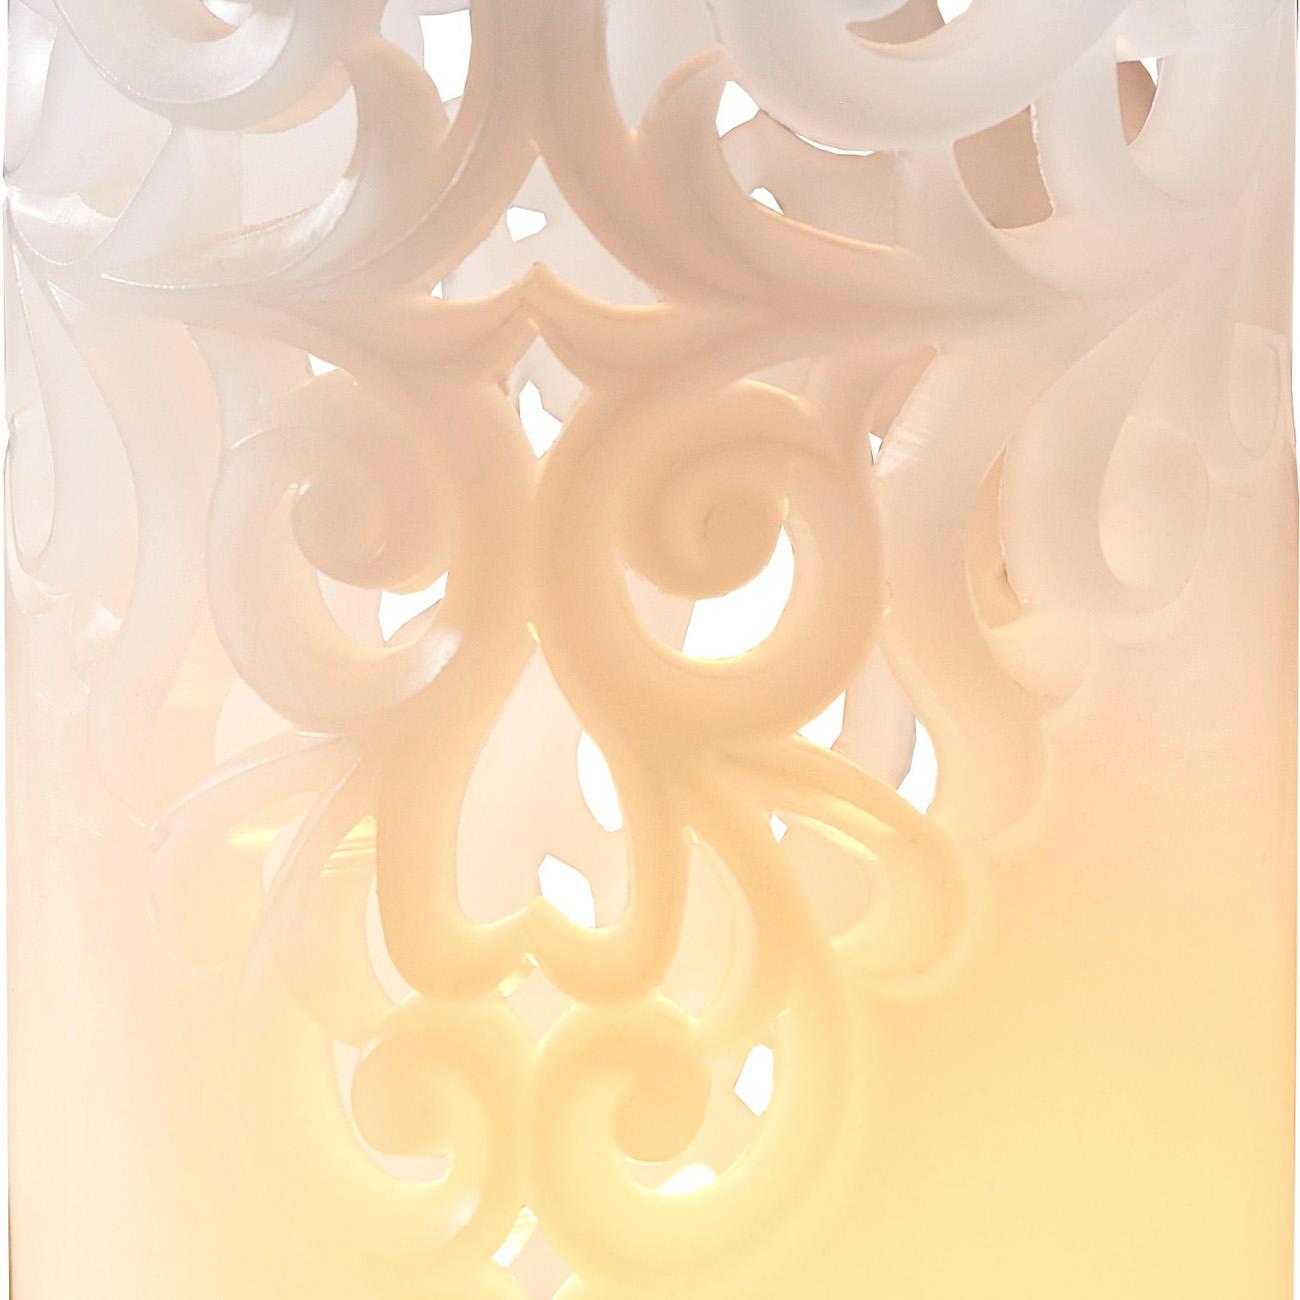 acheter bougies led relief lot de 2 en ligne pas cher. Black Bedroom Furniture Sets. Home Design Ideas